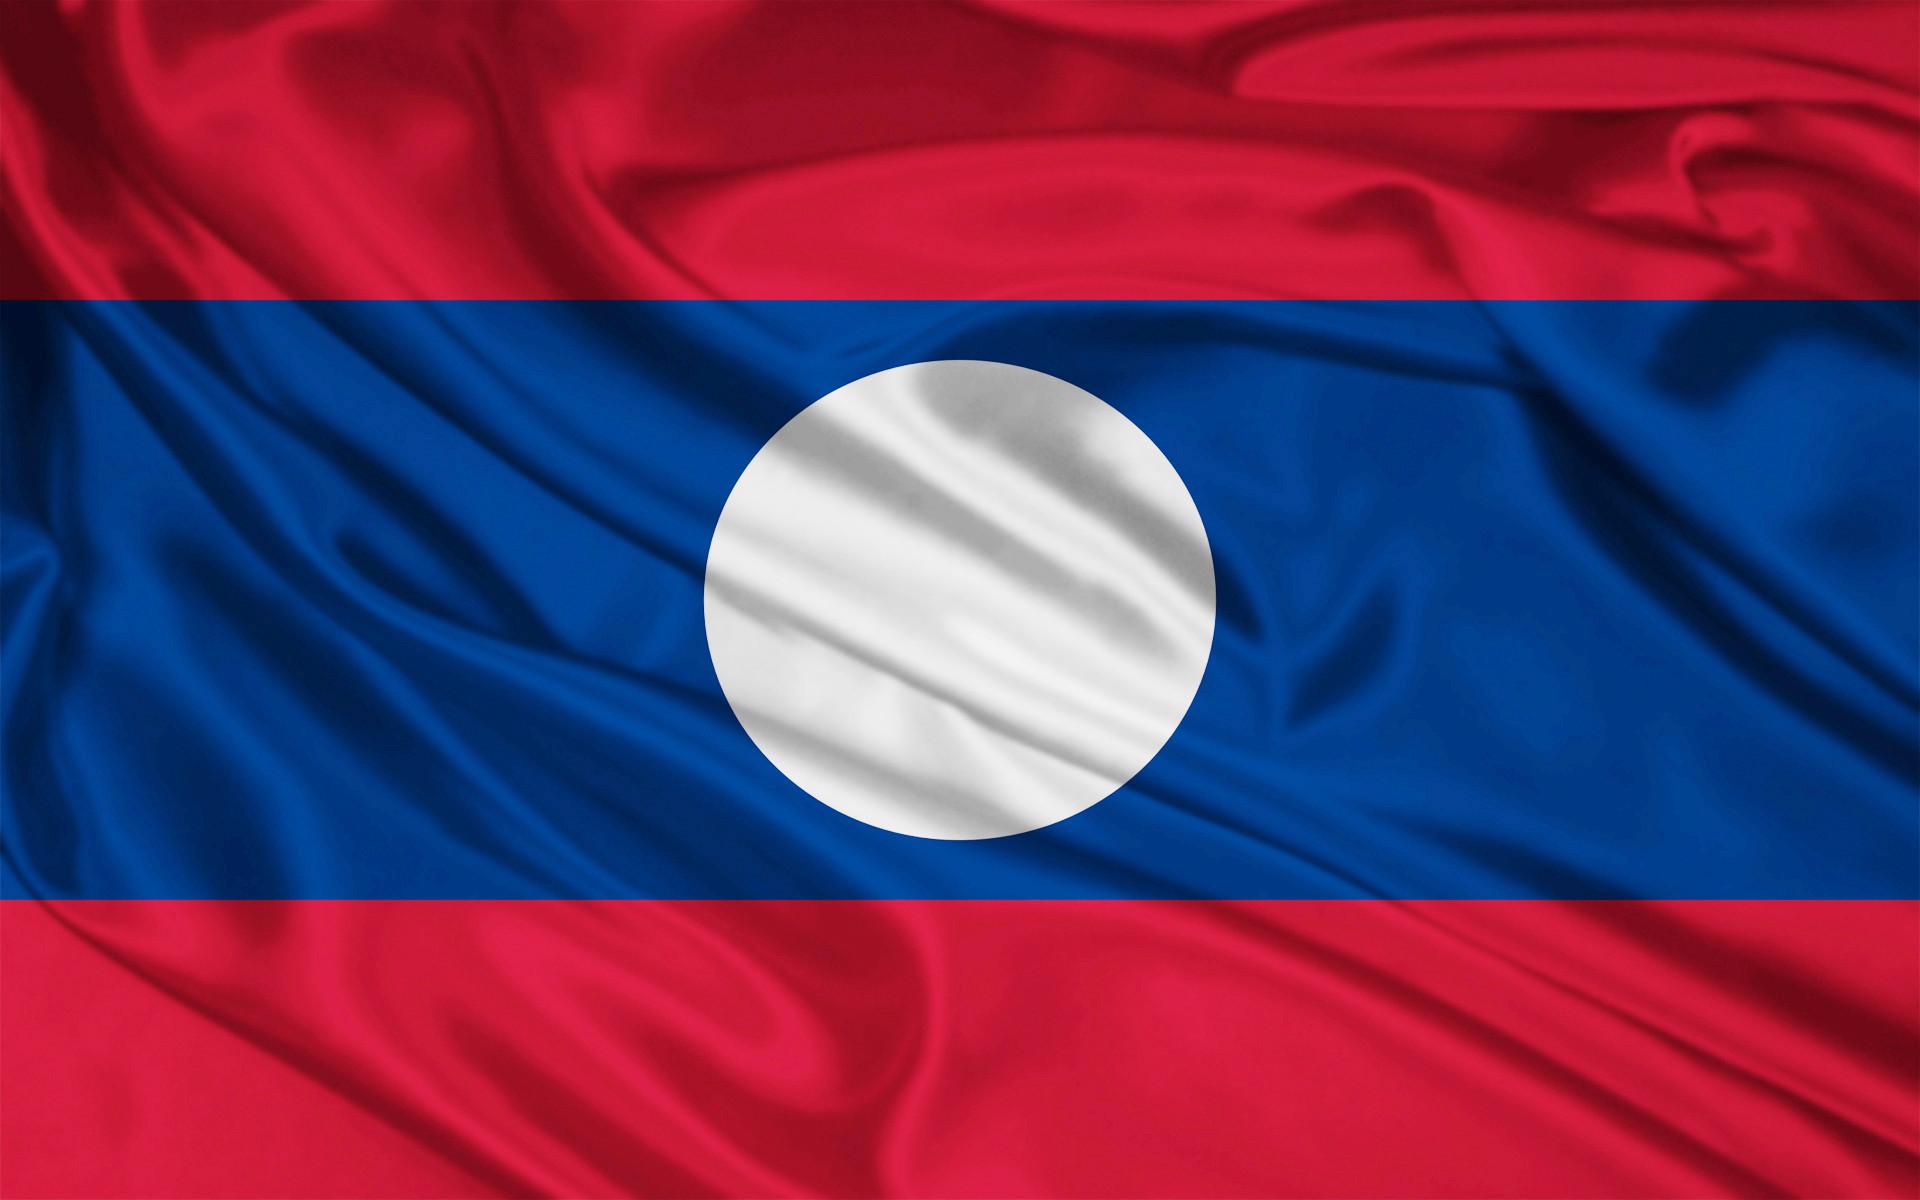 Previous: Laos Flag …